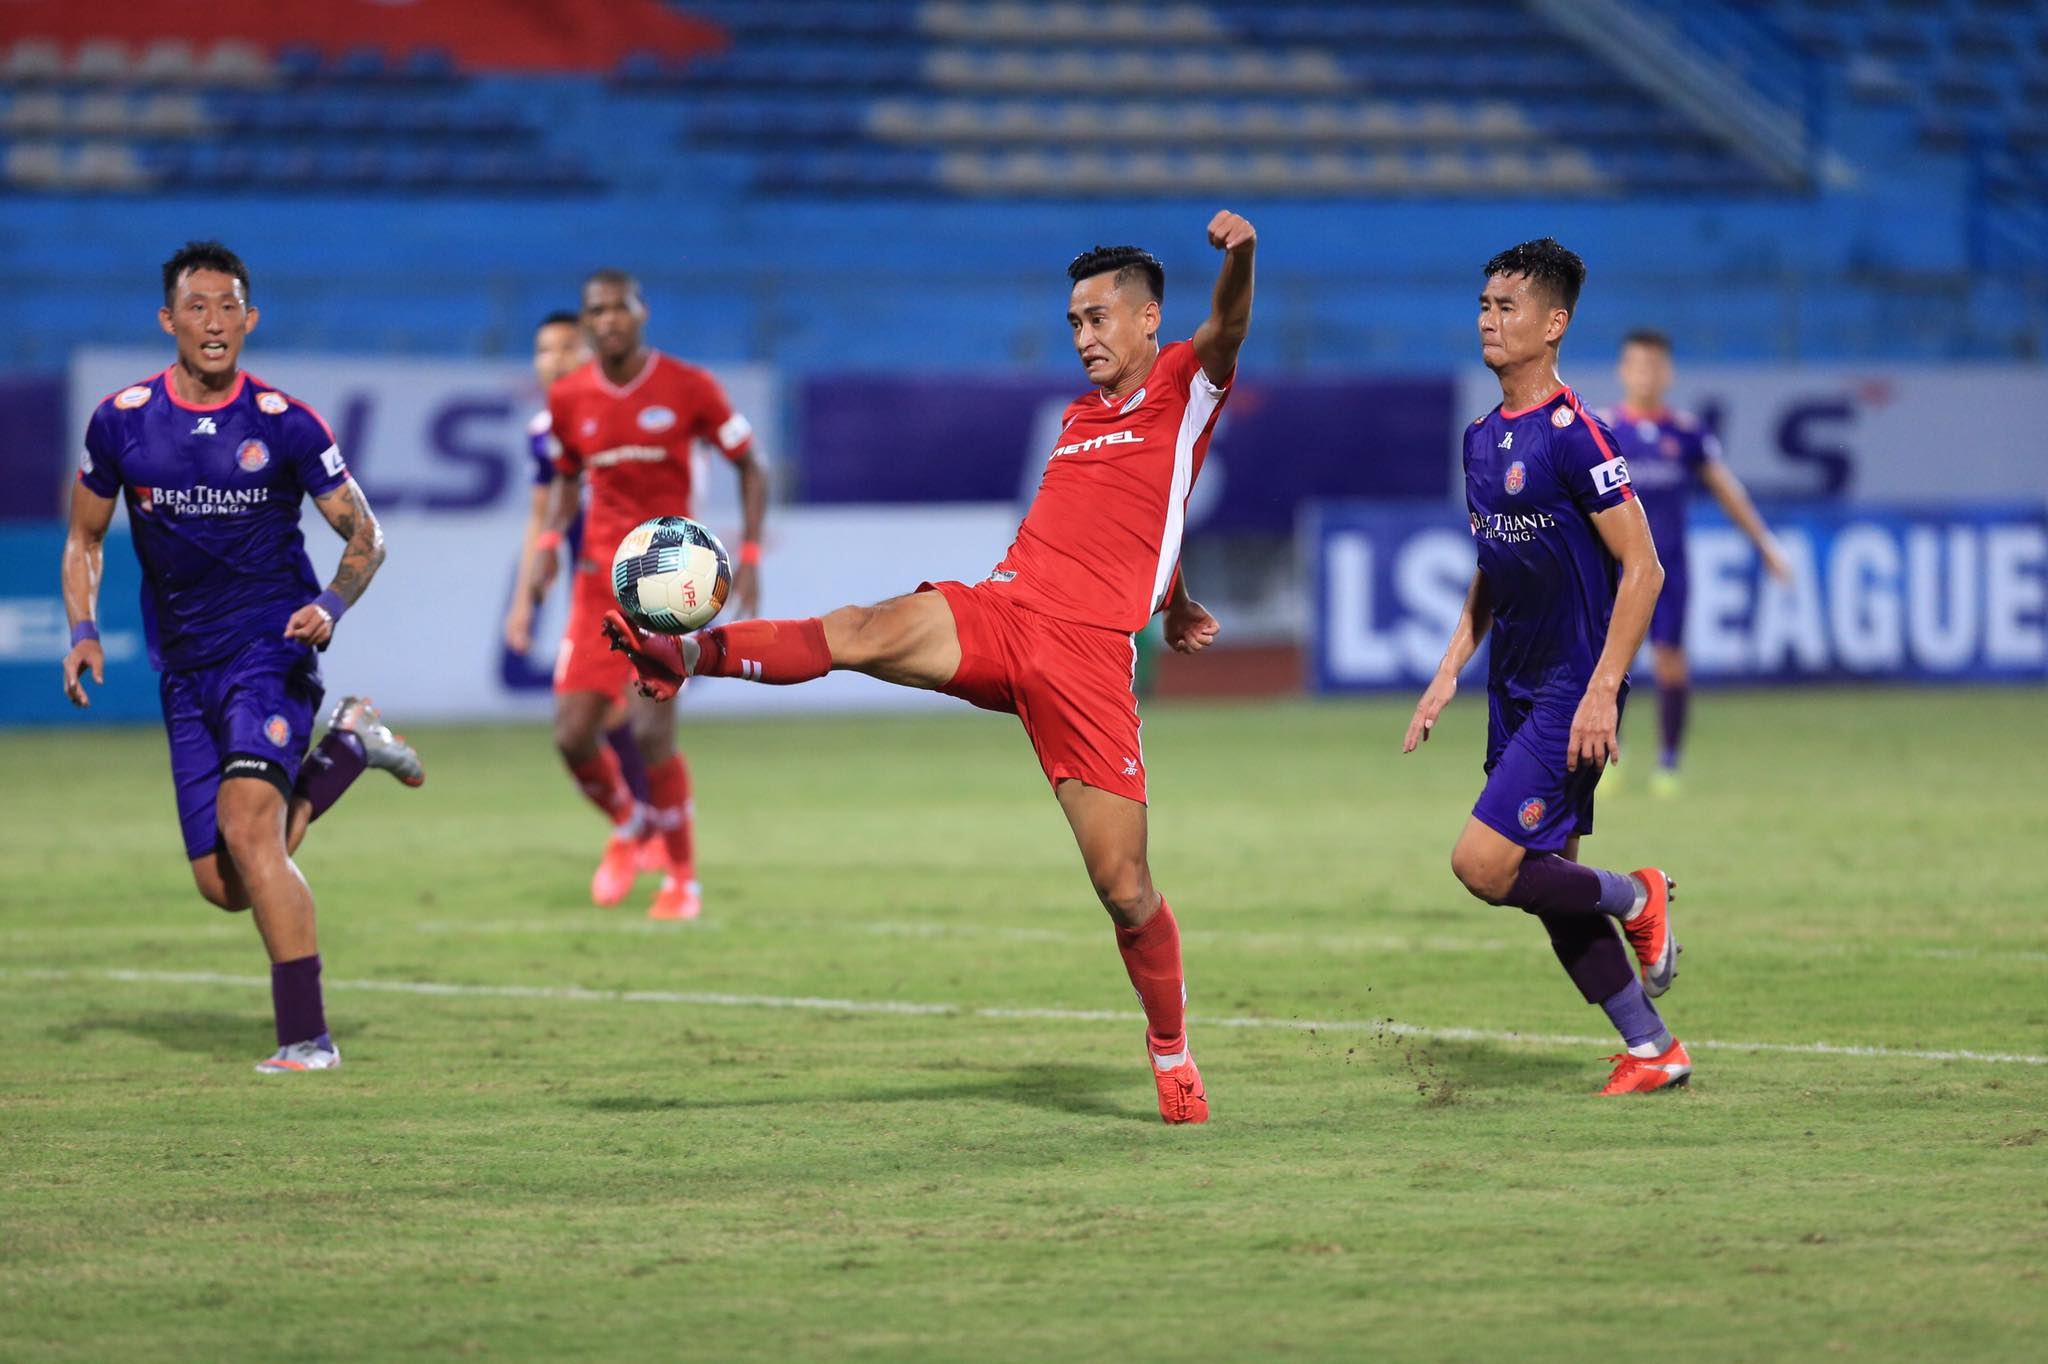 Minh Tuấn vào sân thay người, có pha ghi bàn ấn định chiến thắng 1-0 cho Viettel - Ảnh: Đức Cường